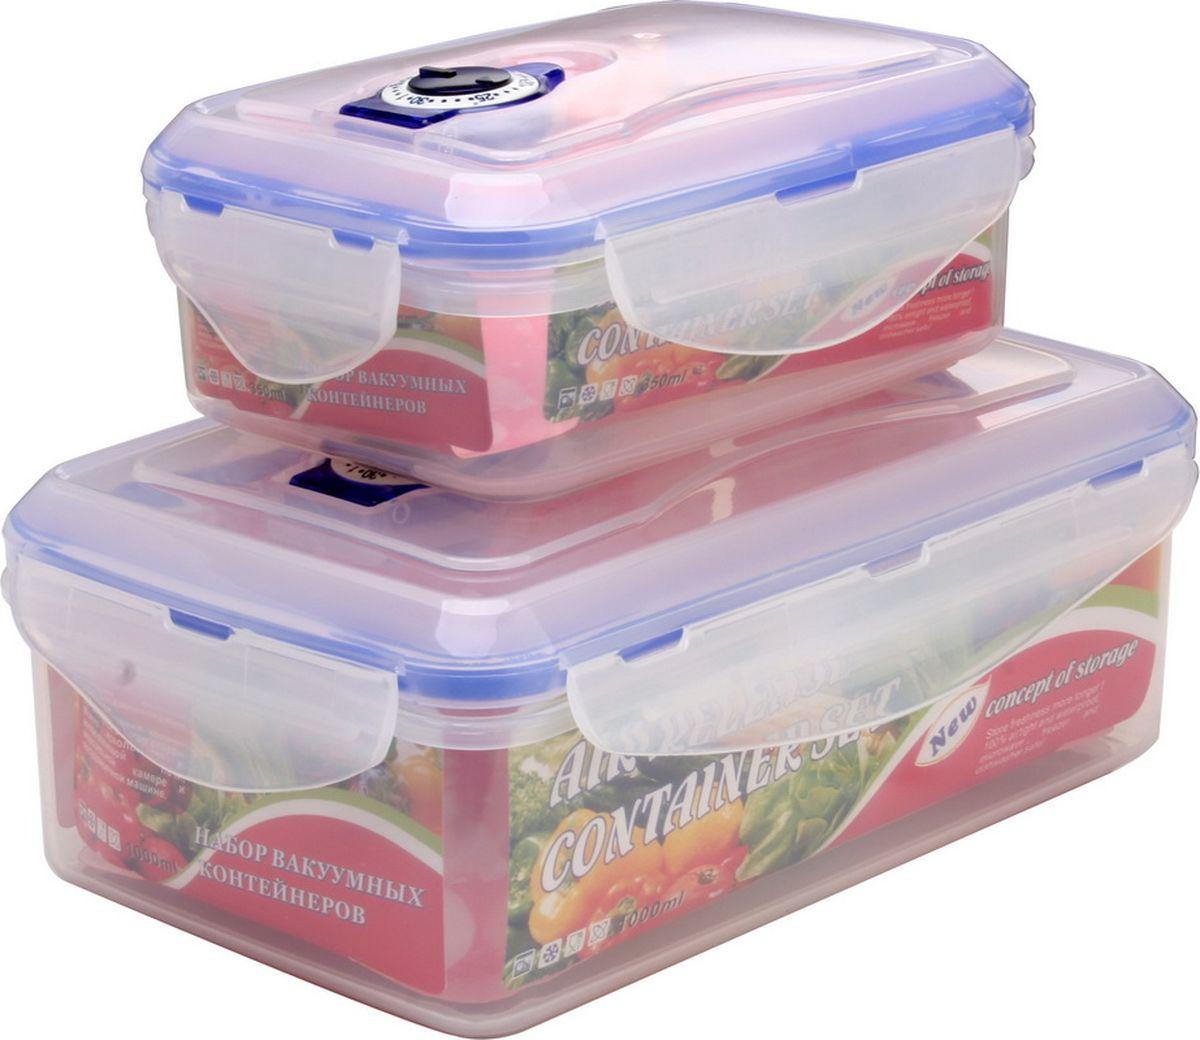 Набор контейнеров Queen Ruby, прямоугольные, 2 шт. QR-8576QR-8576Набор Queen Ruby состоит из двух контейнеров, которые изготовлены из высококачественного пластика. Изделие идеально подходит не только для хранения, но и для транспортировки пищи. Контейнеры оснащены плотно закрывающимися пластмассовыми крышками. Выдерживают температуру от -20°С до +120°С. Можно использовать в СВЧ-печах, холодильниках и морозильных камерах. Можно мыть в посудомоечной машине. Размеры контейнеров: 20 х 13 х 8 см; 14,7 х 10,3 х 6 см.Объем контейнеров: 1000 мл, 350 мл.